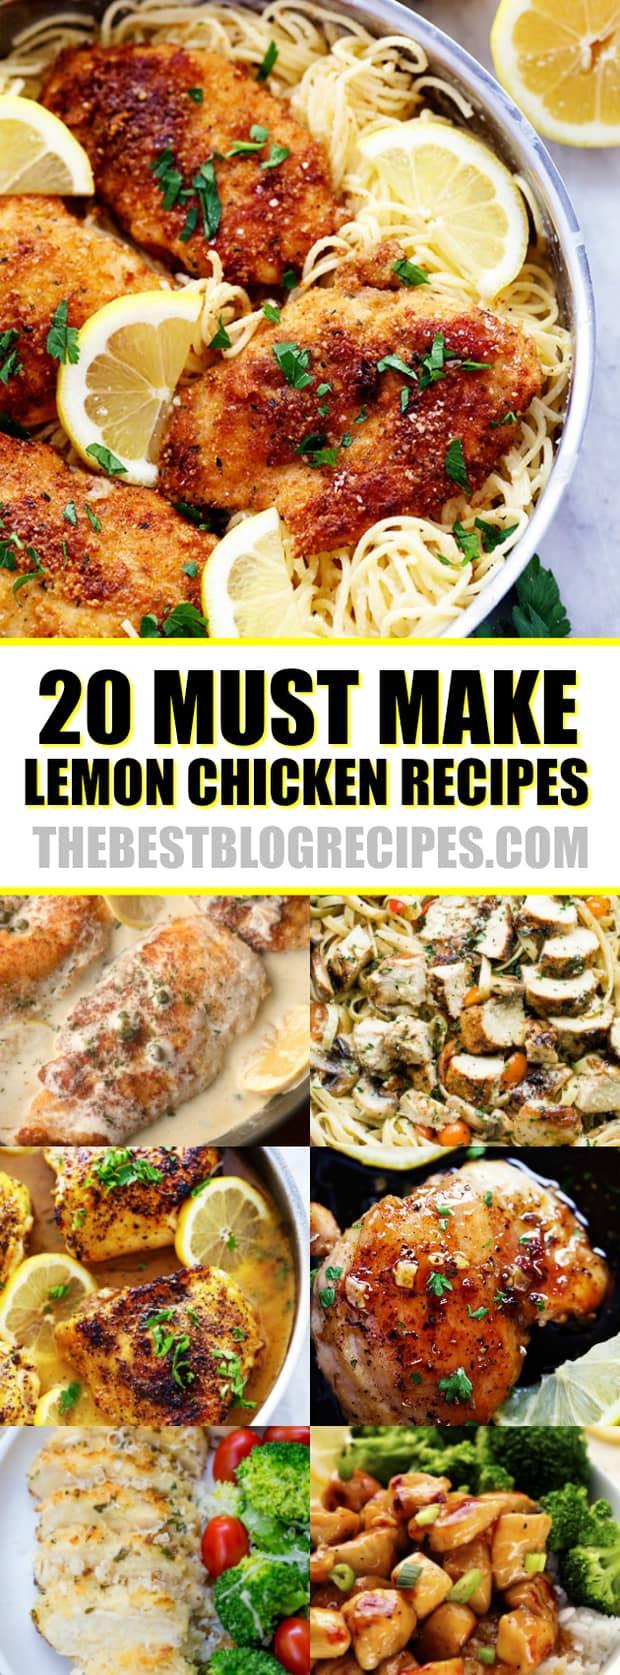 20 MUST MAKE LEMON CHICKEN RECIPES